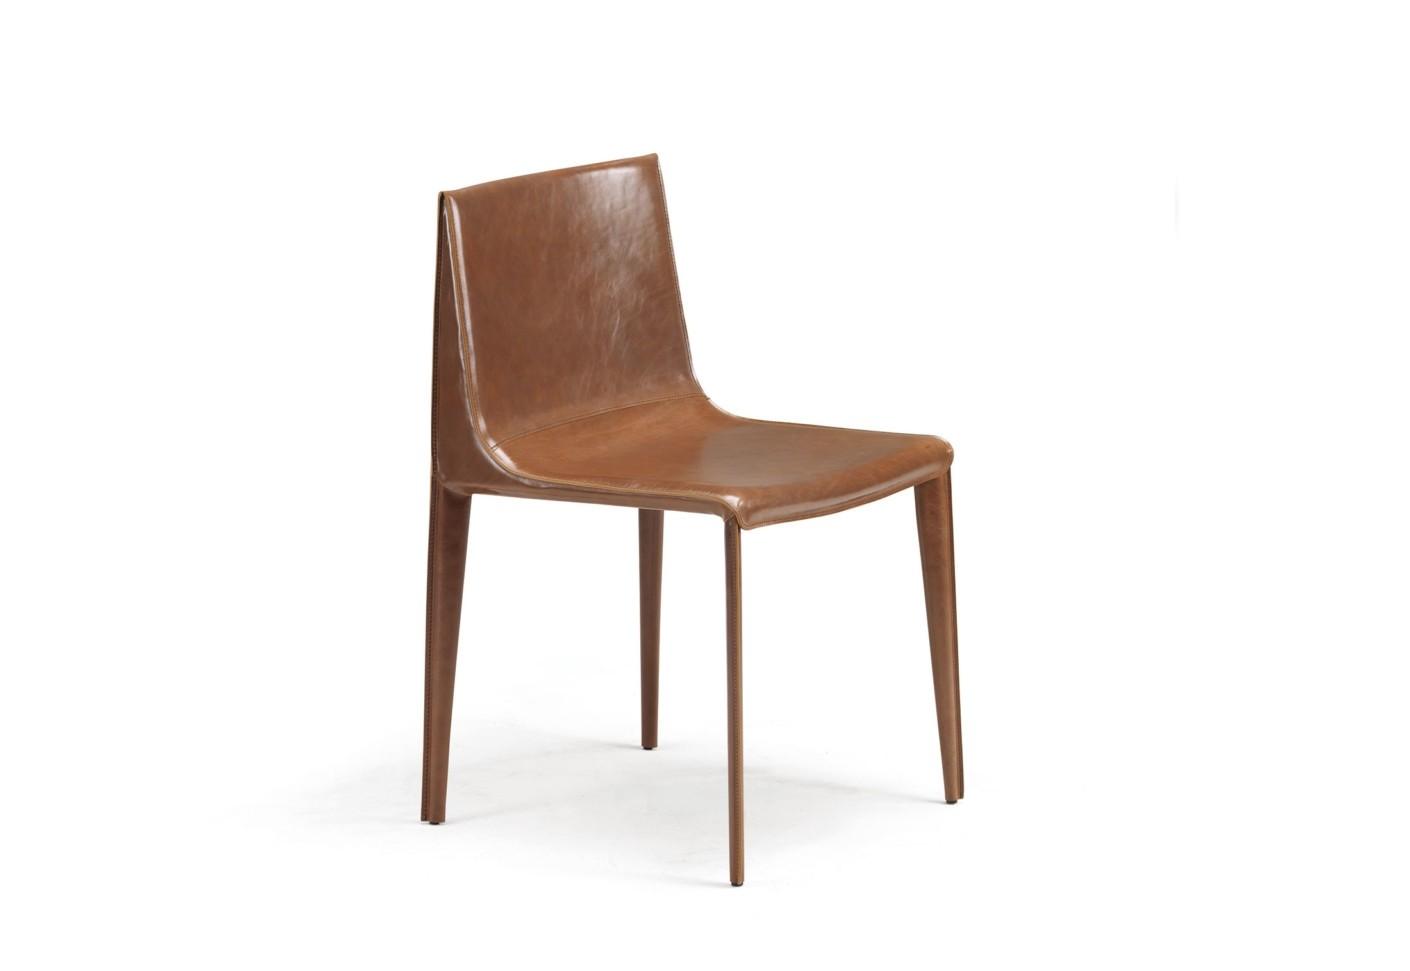 De charmante eetkamerstoel emily is een ontwerp van het duo manzoni & tapinassi. de strakke lijnen geven ...